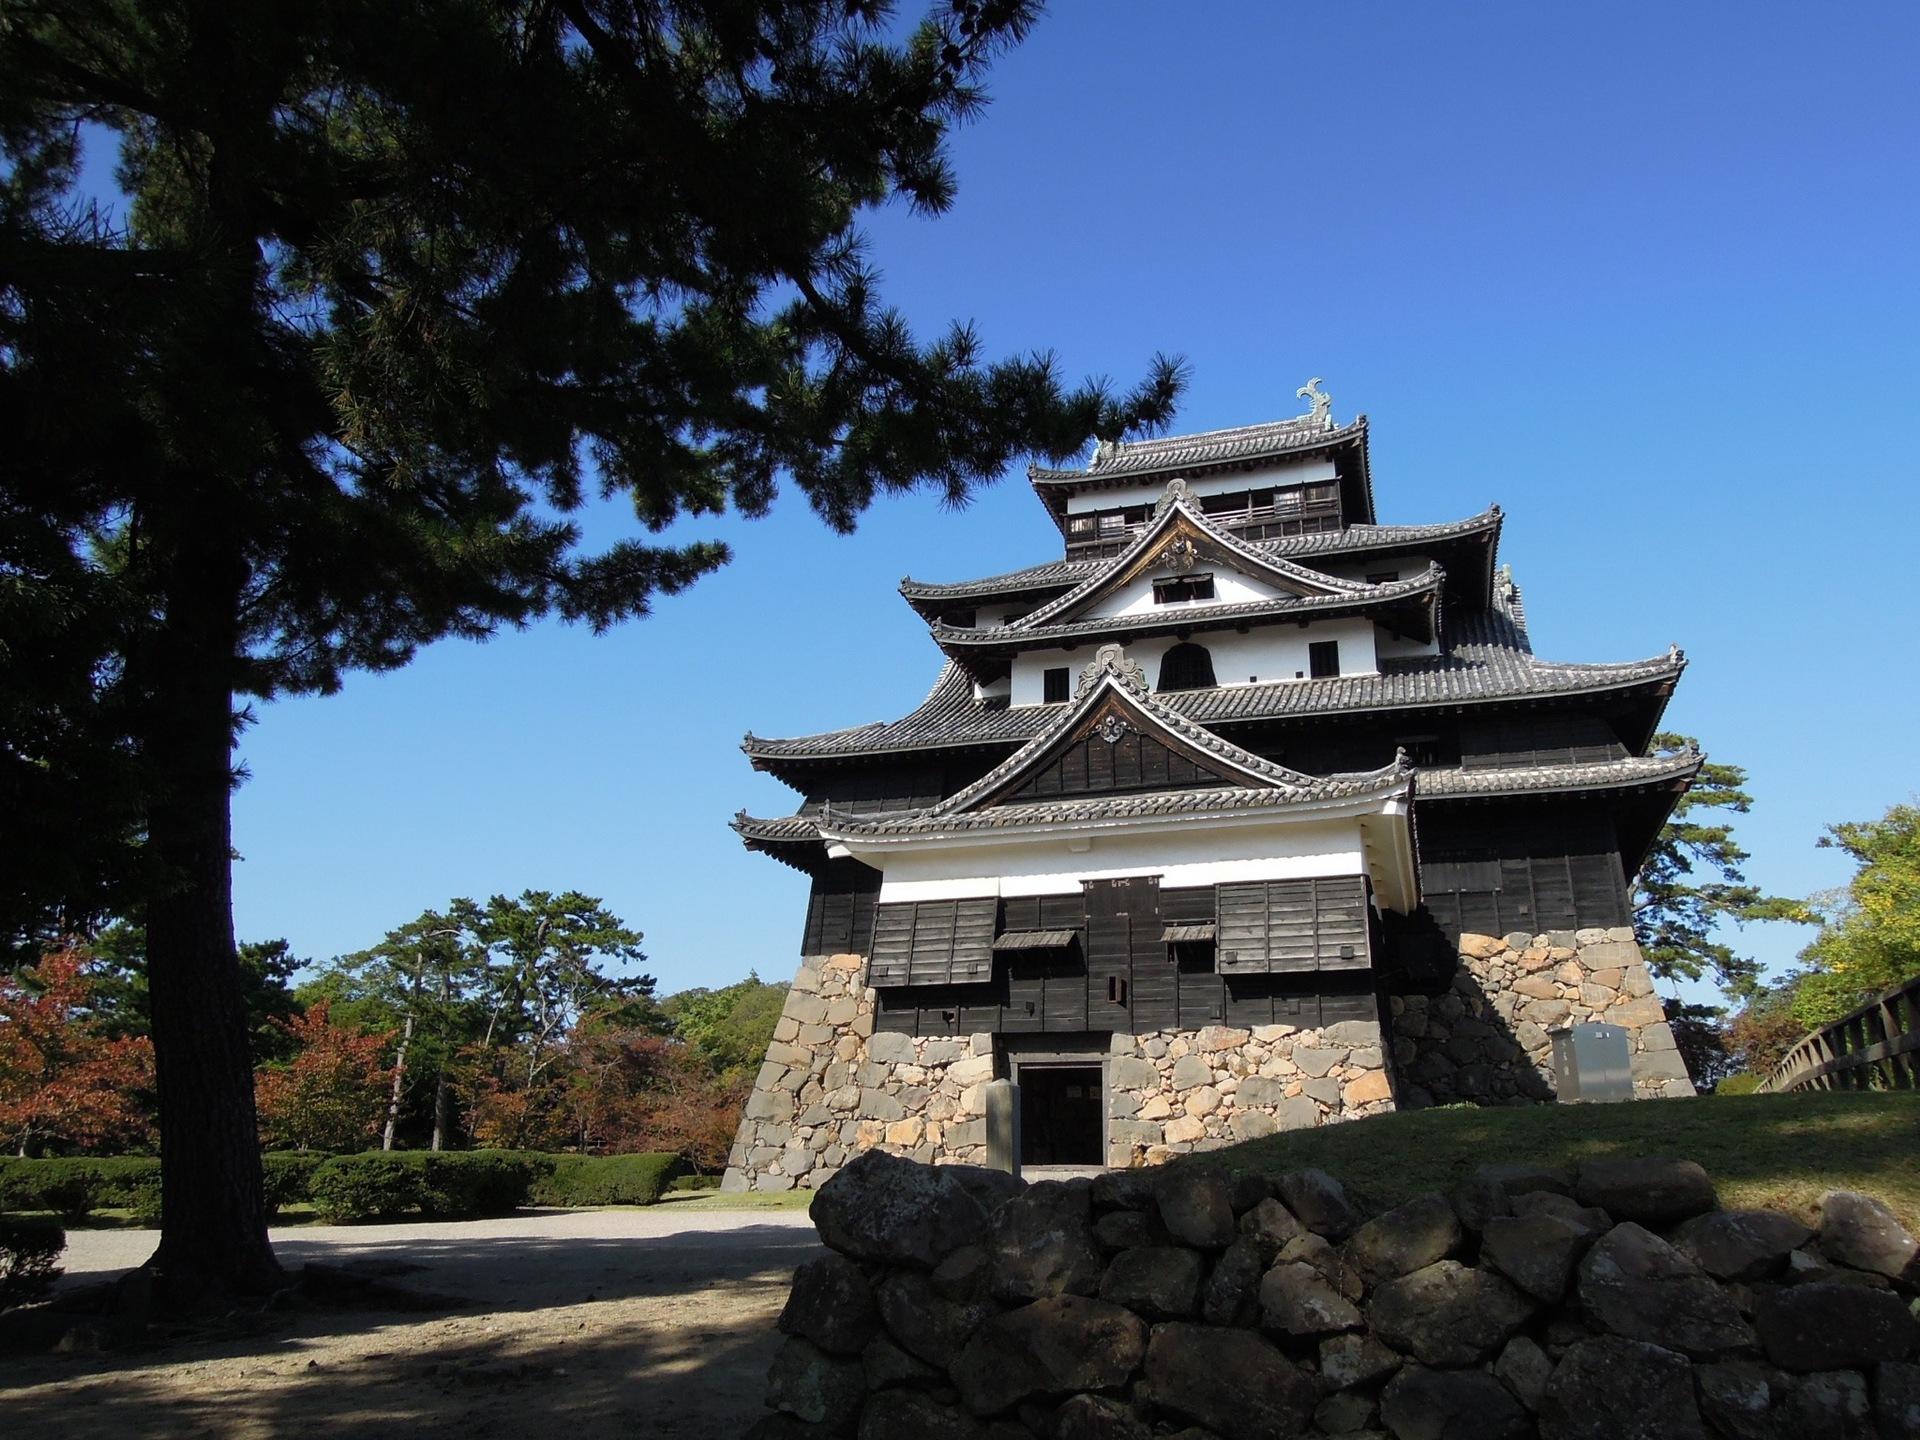 Matsue Castle | gato.gordi, architecture, building, daytime